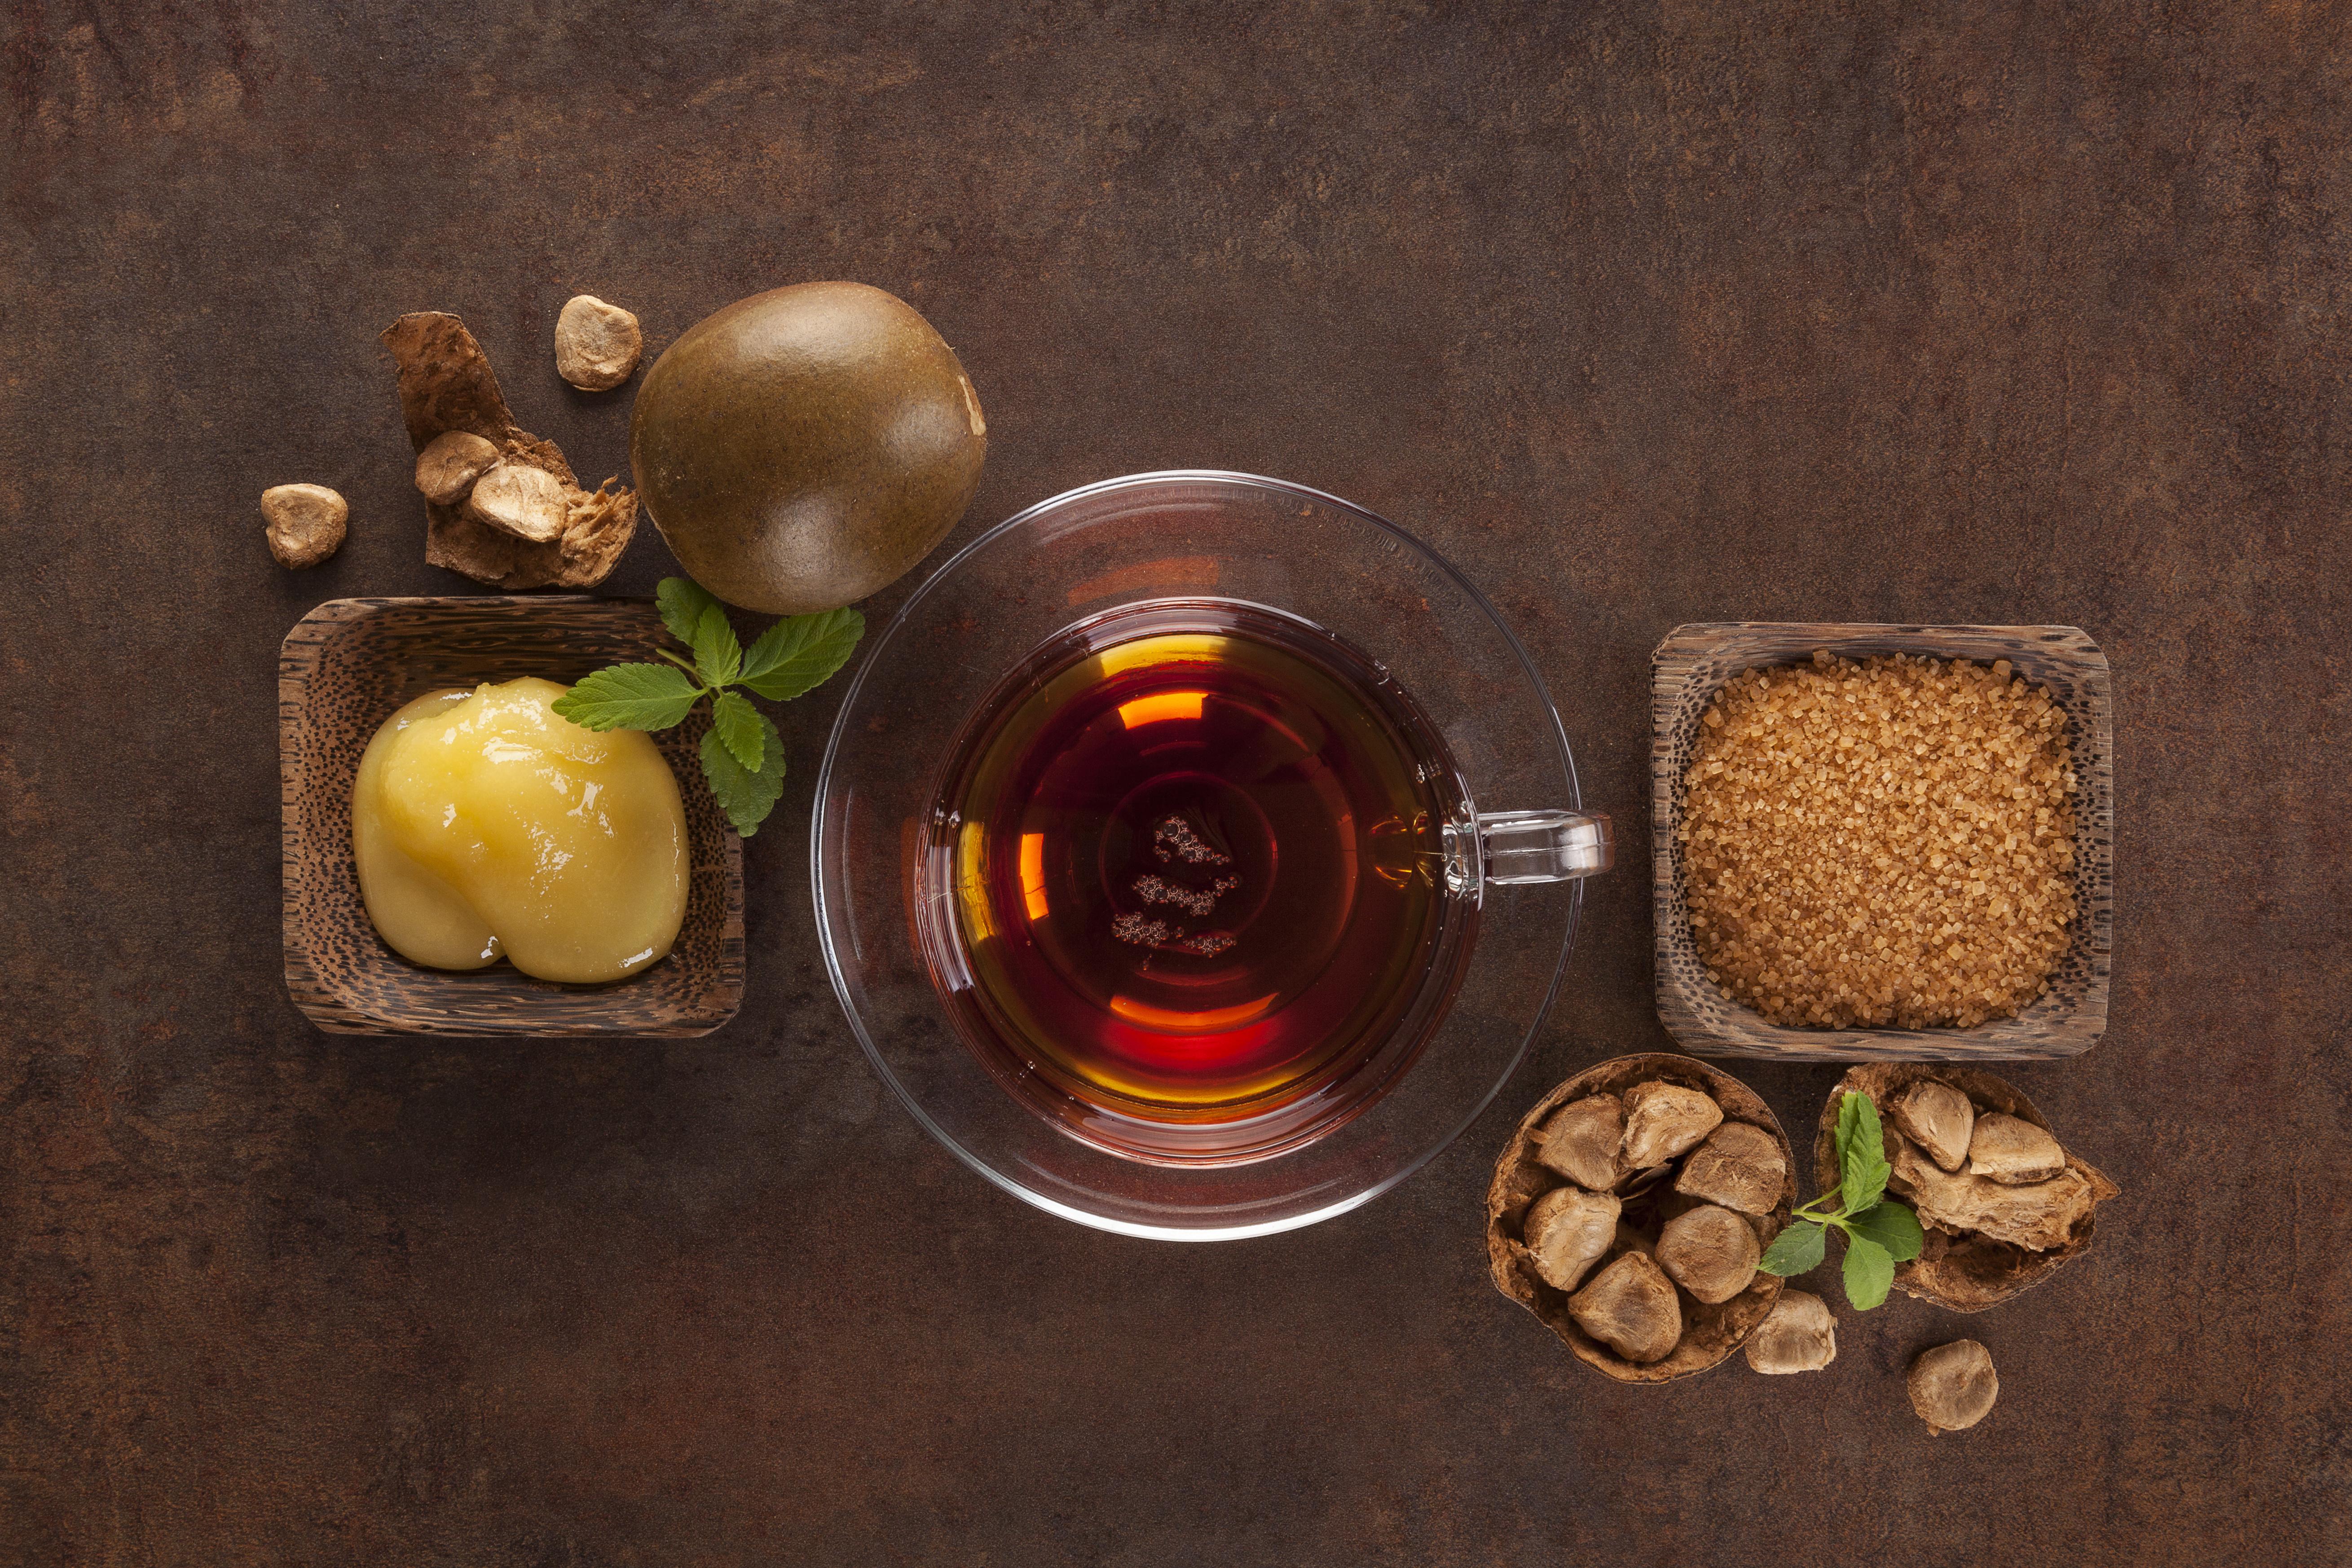 Mönchsfrucht Zucker: Test & Empfehlungen